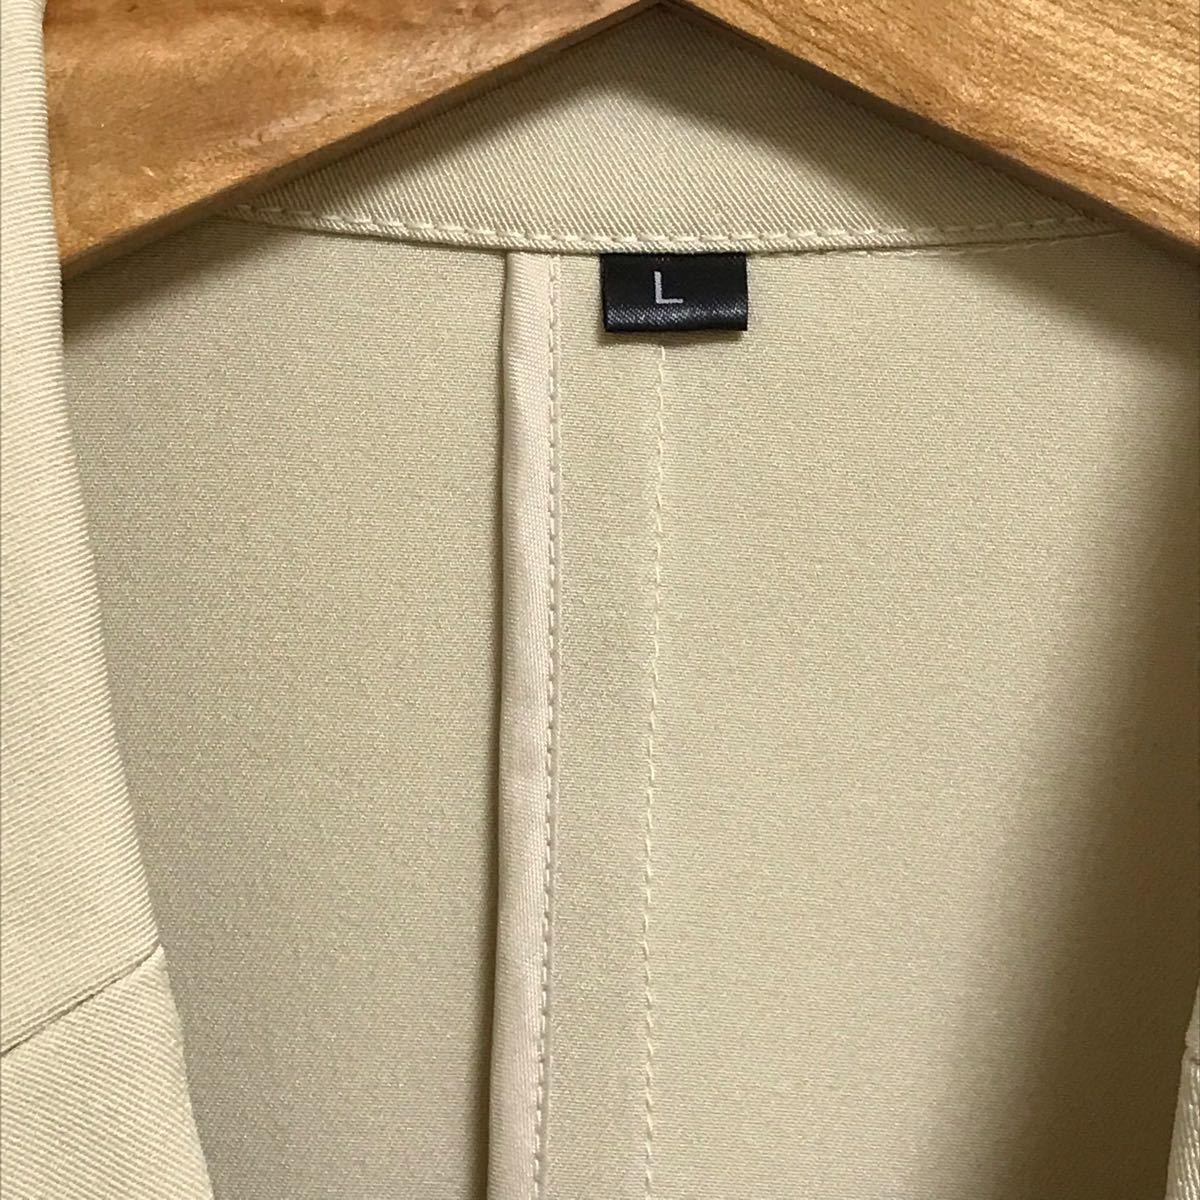 ジャケット ベージュ Lサイズ 未使用 レディース  テーラードジャケット